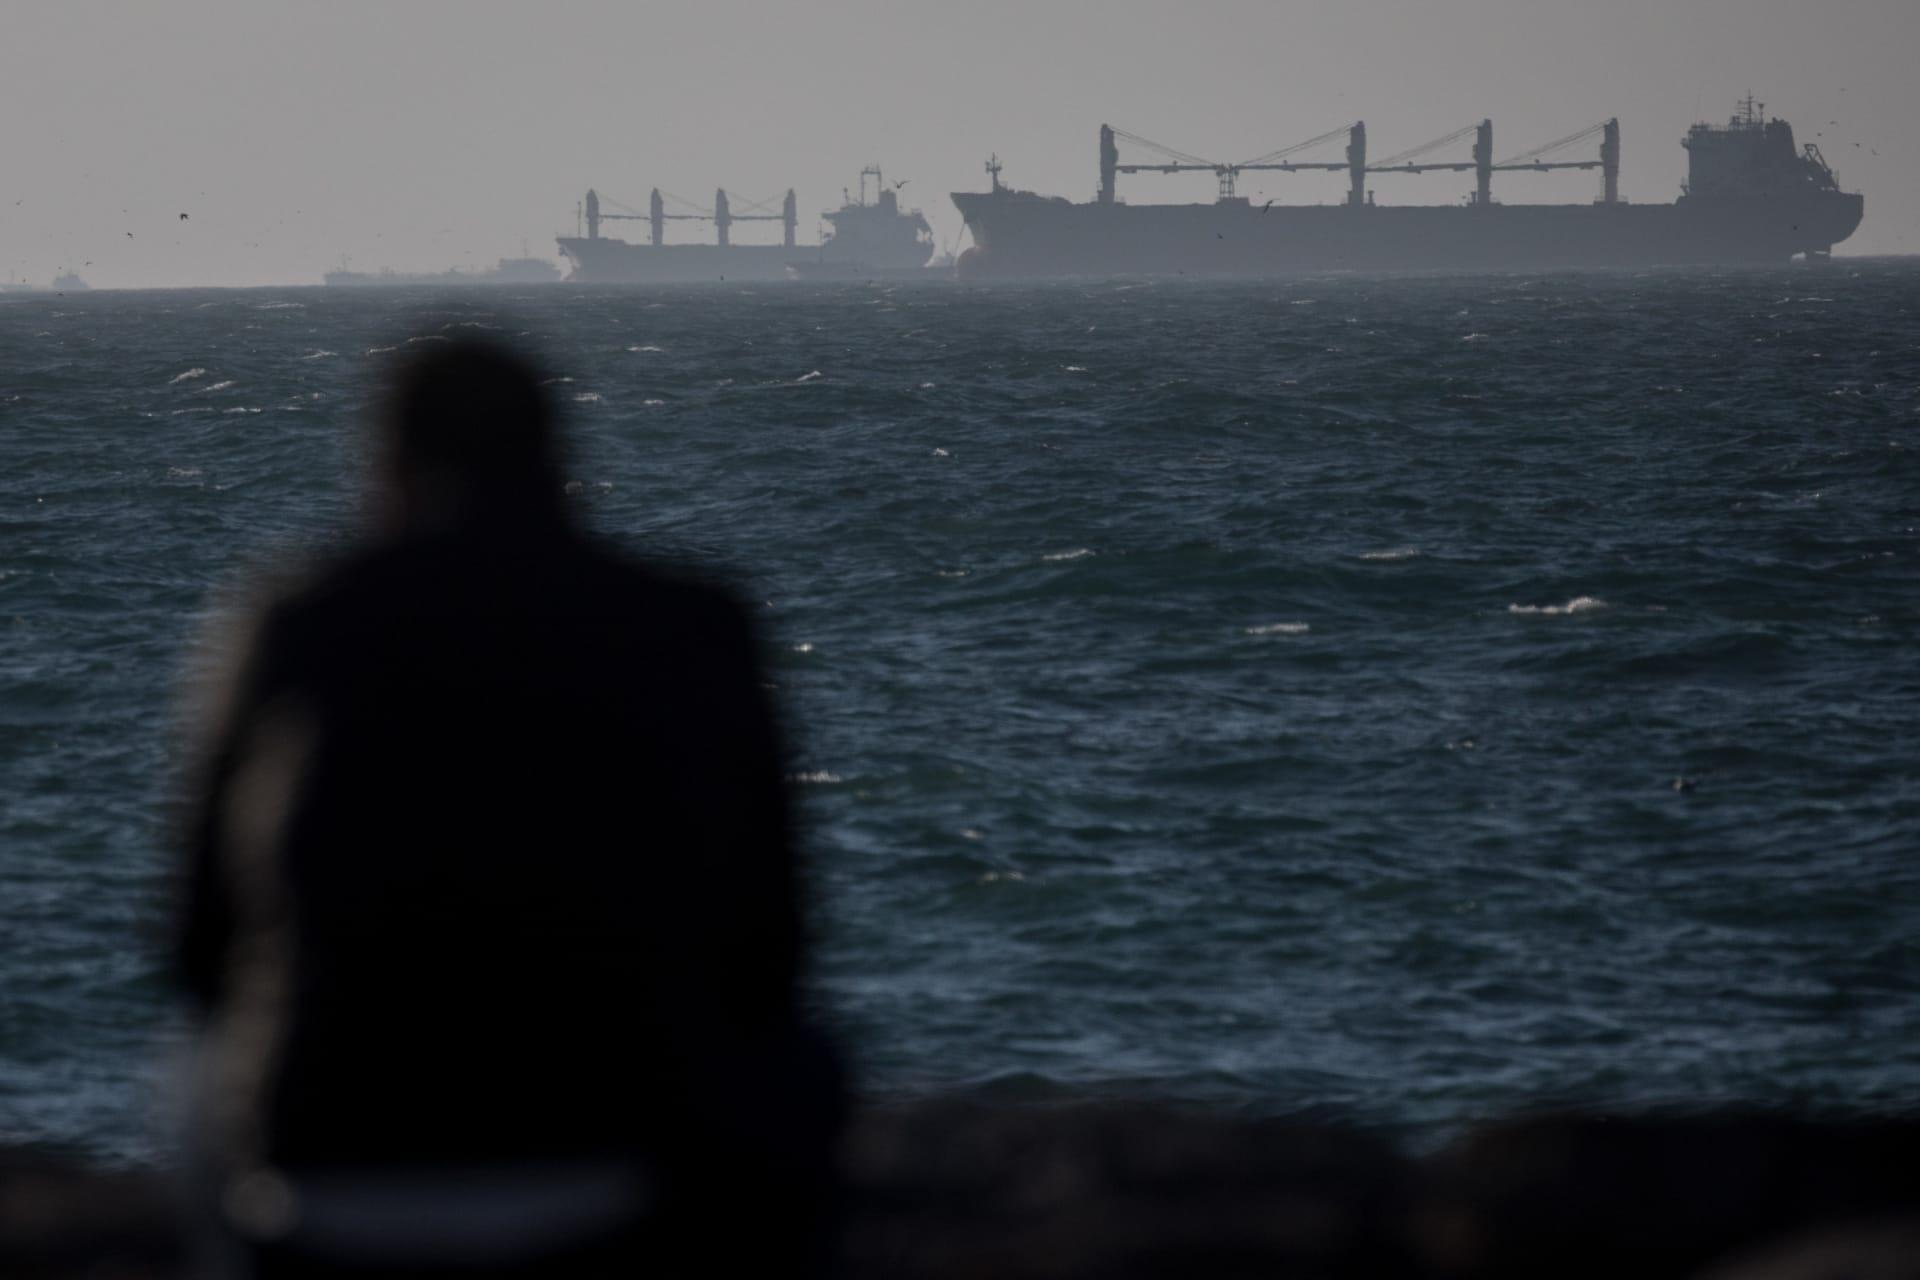 مصر تعترض على نشاط بحري لسفينة تركية بمنطقة متداخلة مع مياهها الاقتصادية في البحر المتوسط